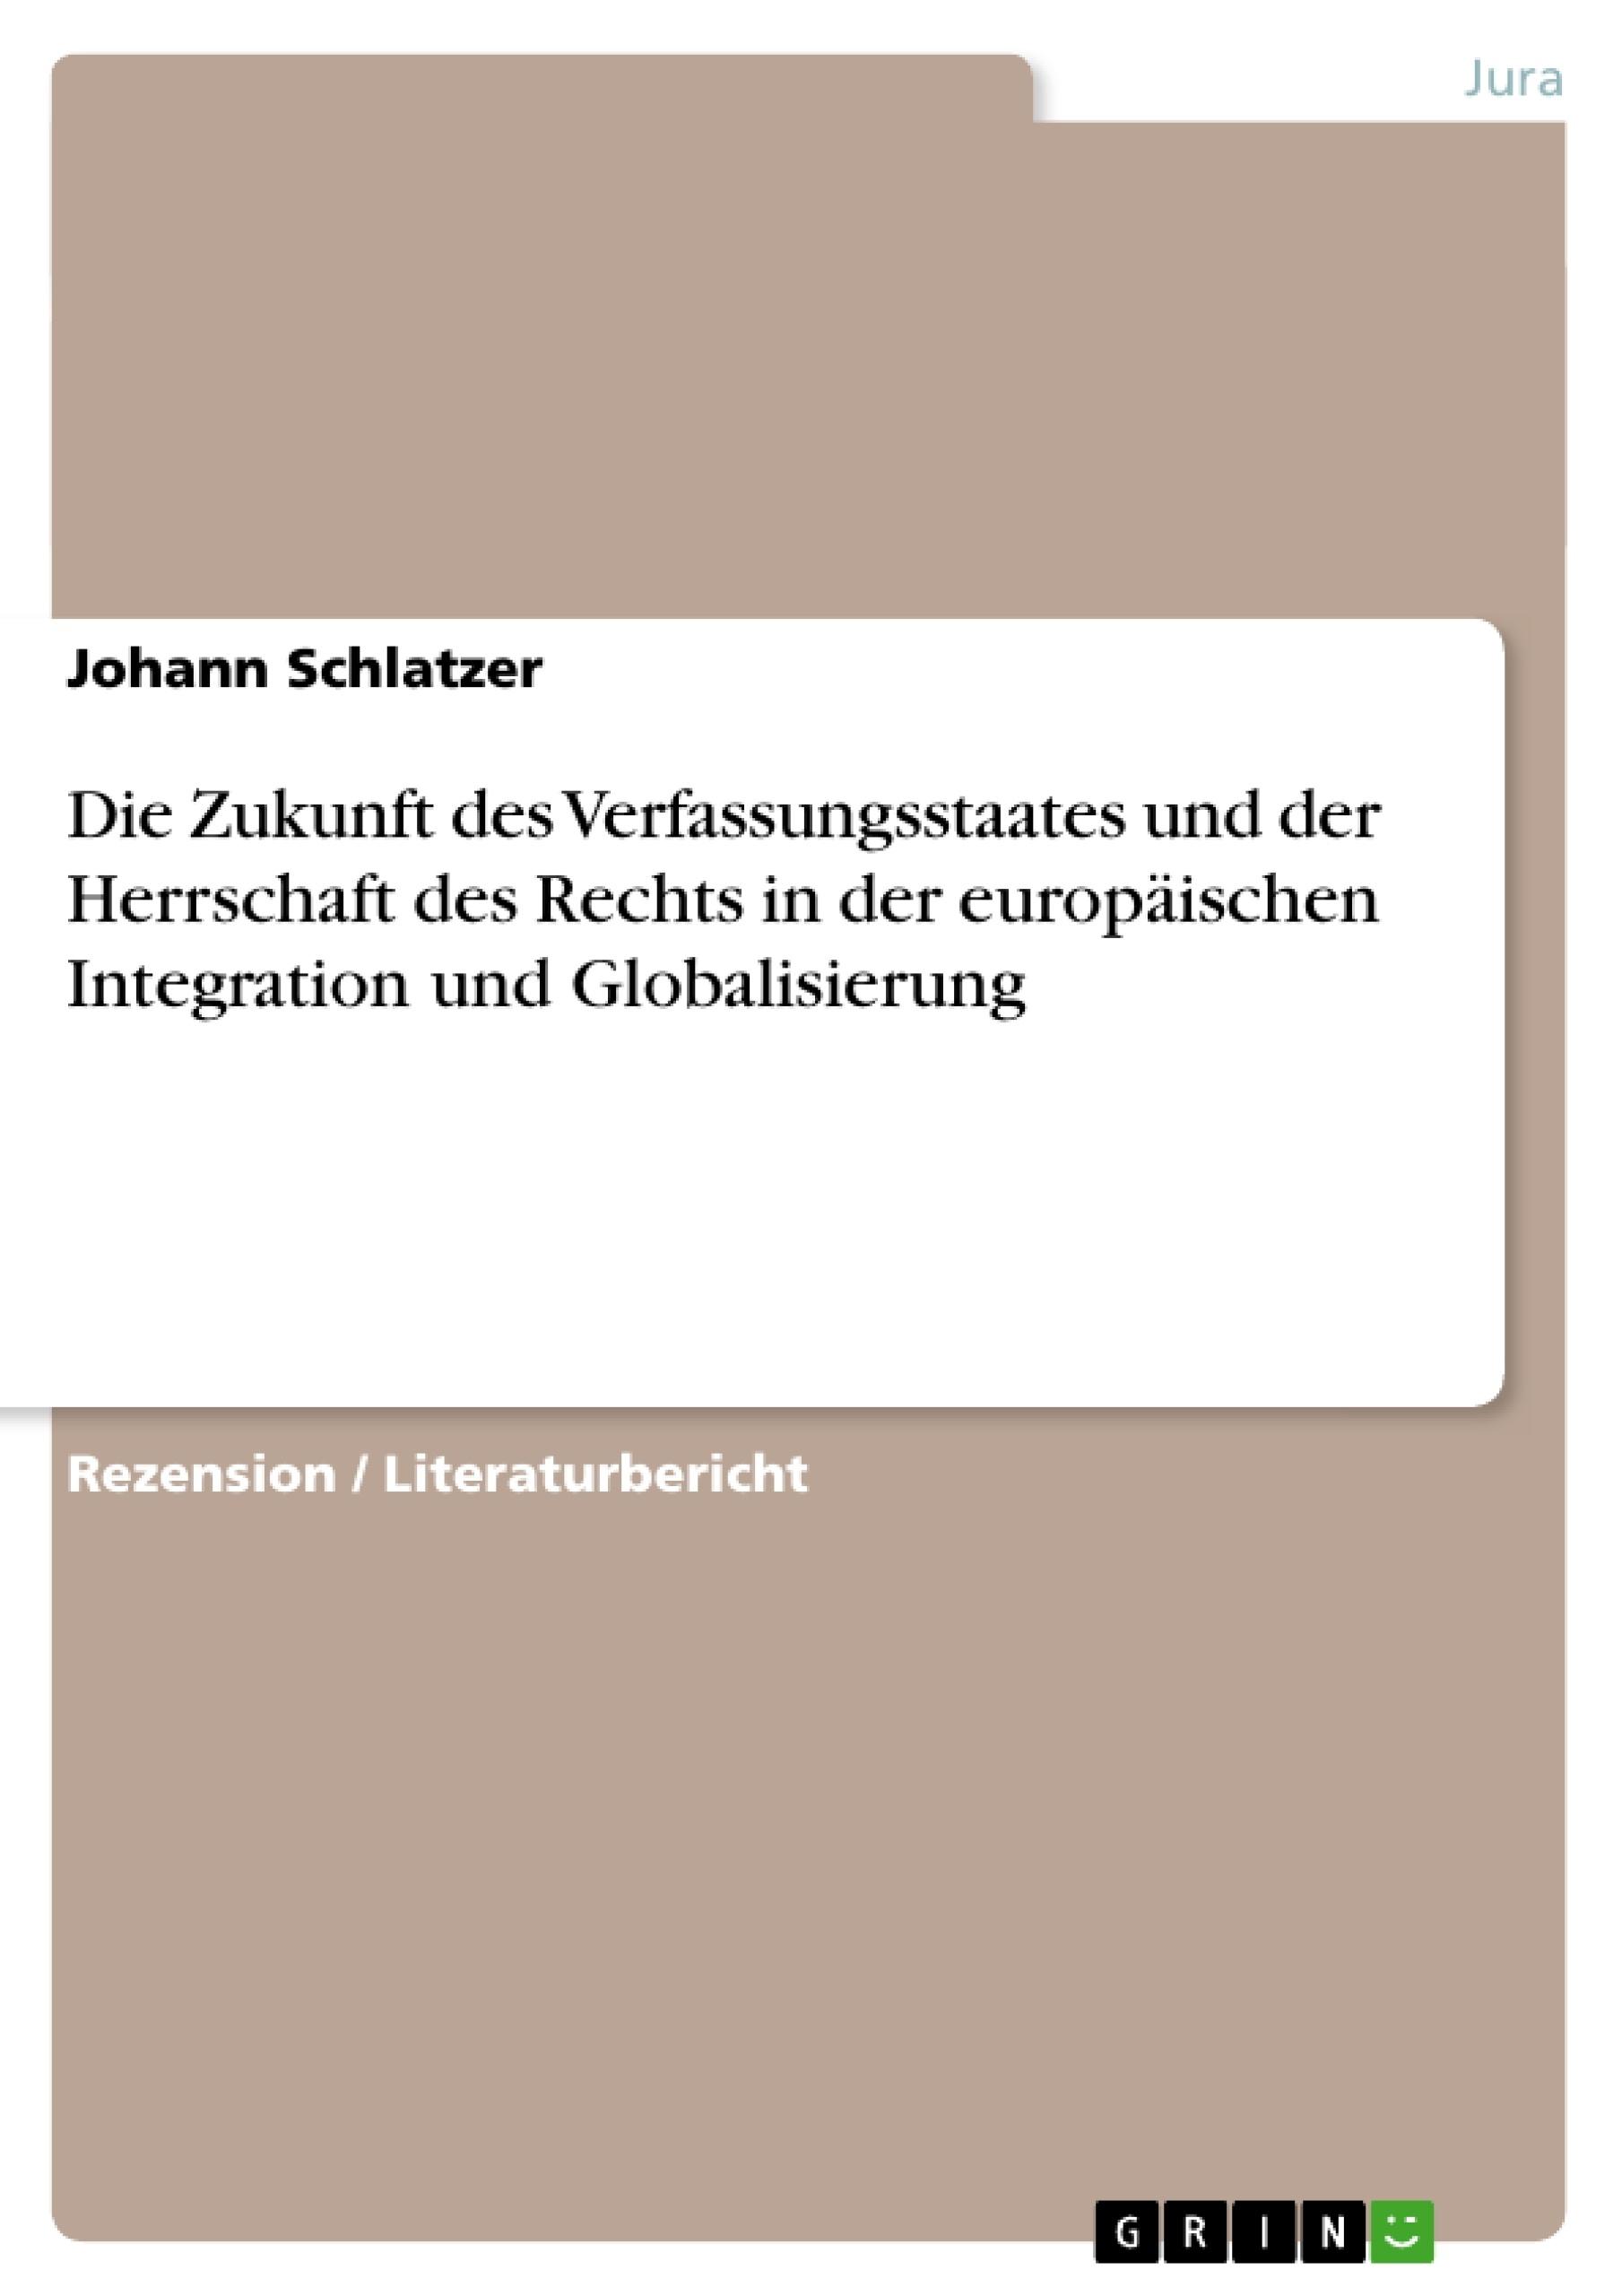 Titel: Die Zukunft des Verfassungsstaates und der Herrschaft des Rechts in der europäischen Integration und Globalisierung